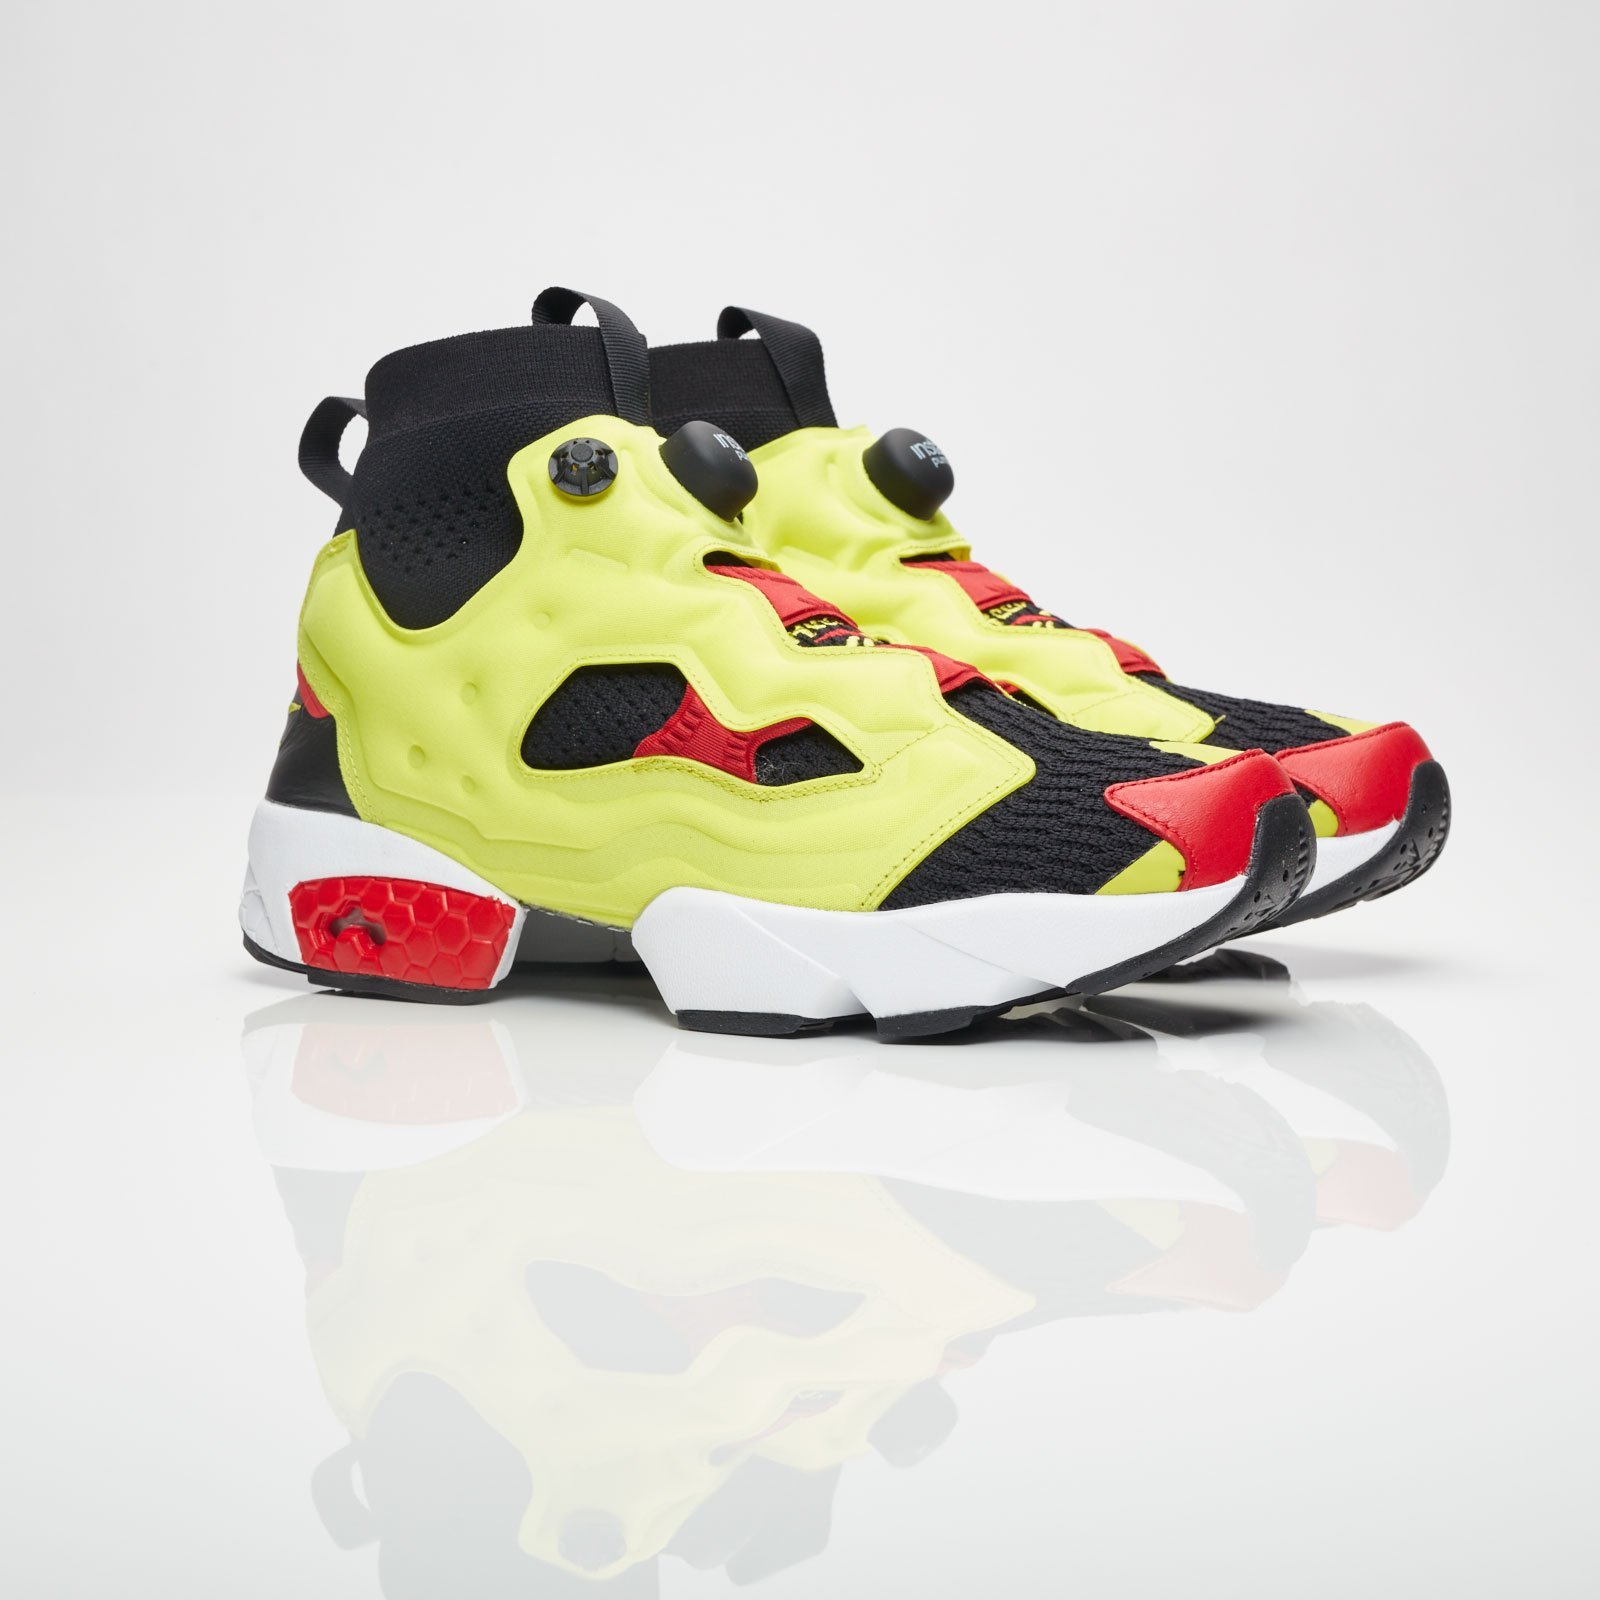 Reebok Instapump Fury OG ULTK - Bs6367 - Sneakersnstuff  ce01795b5